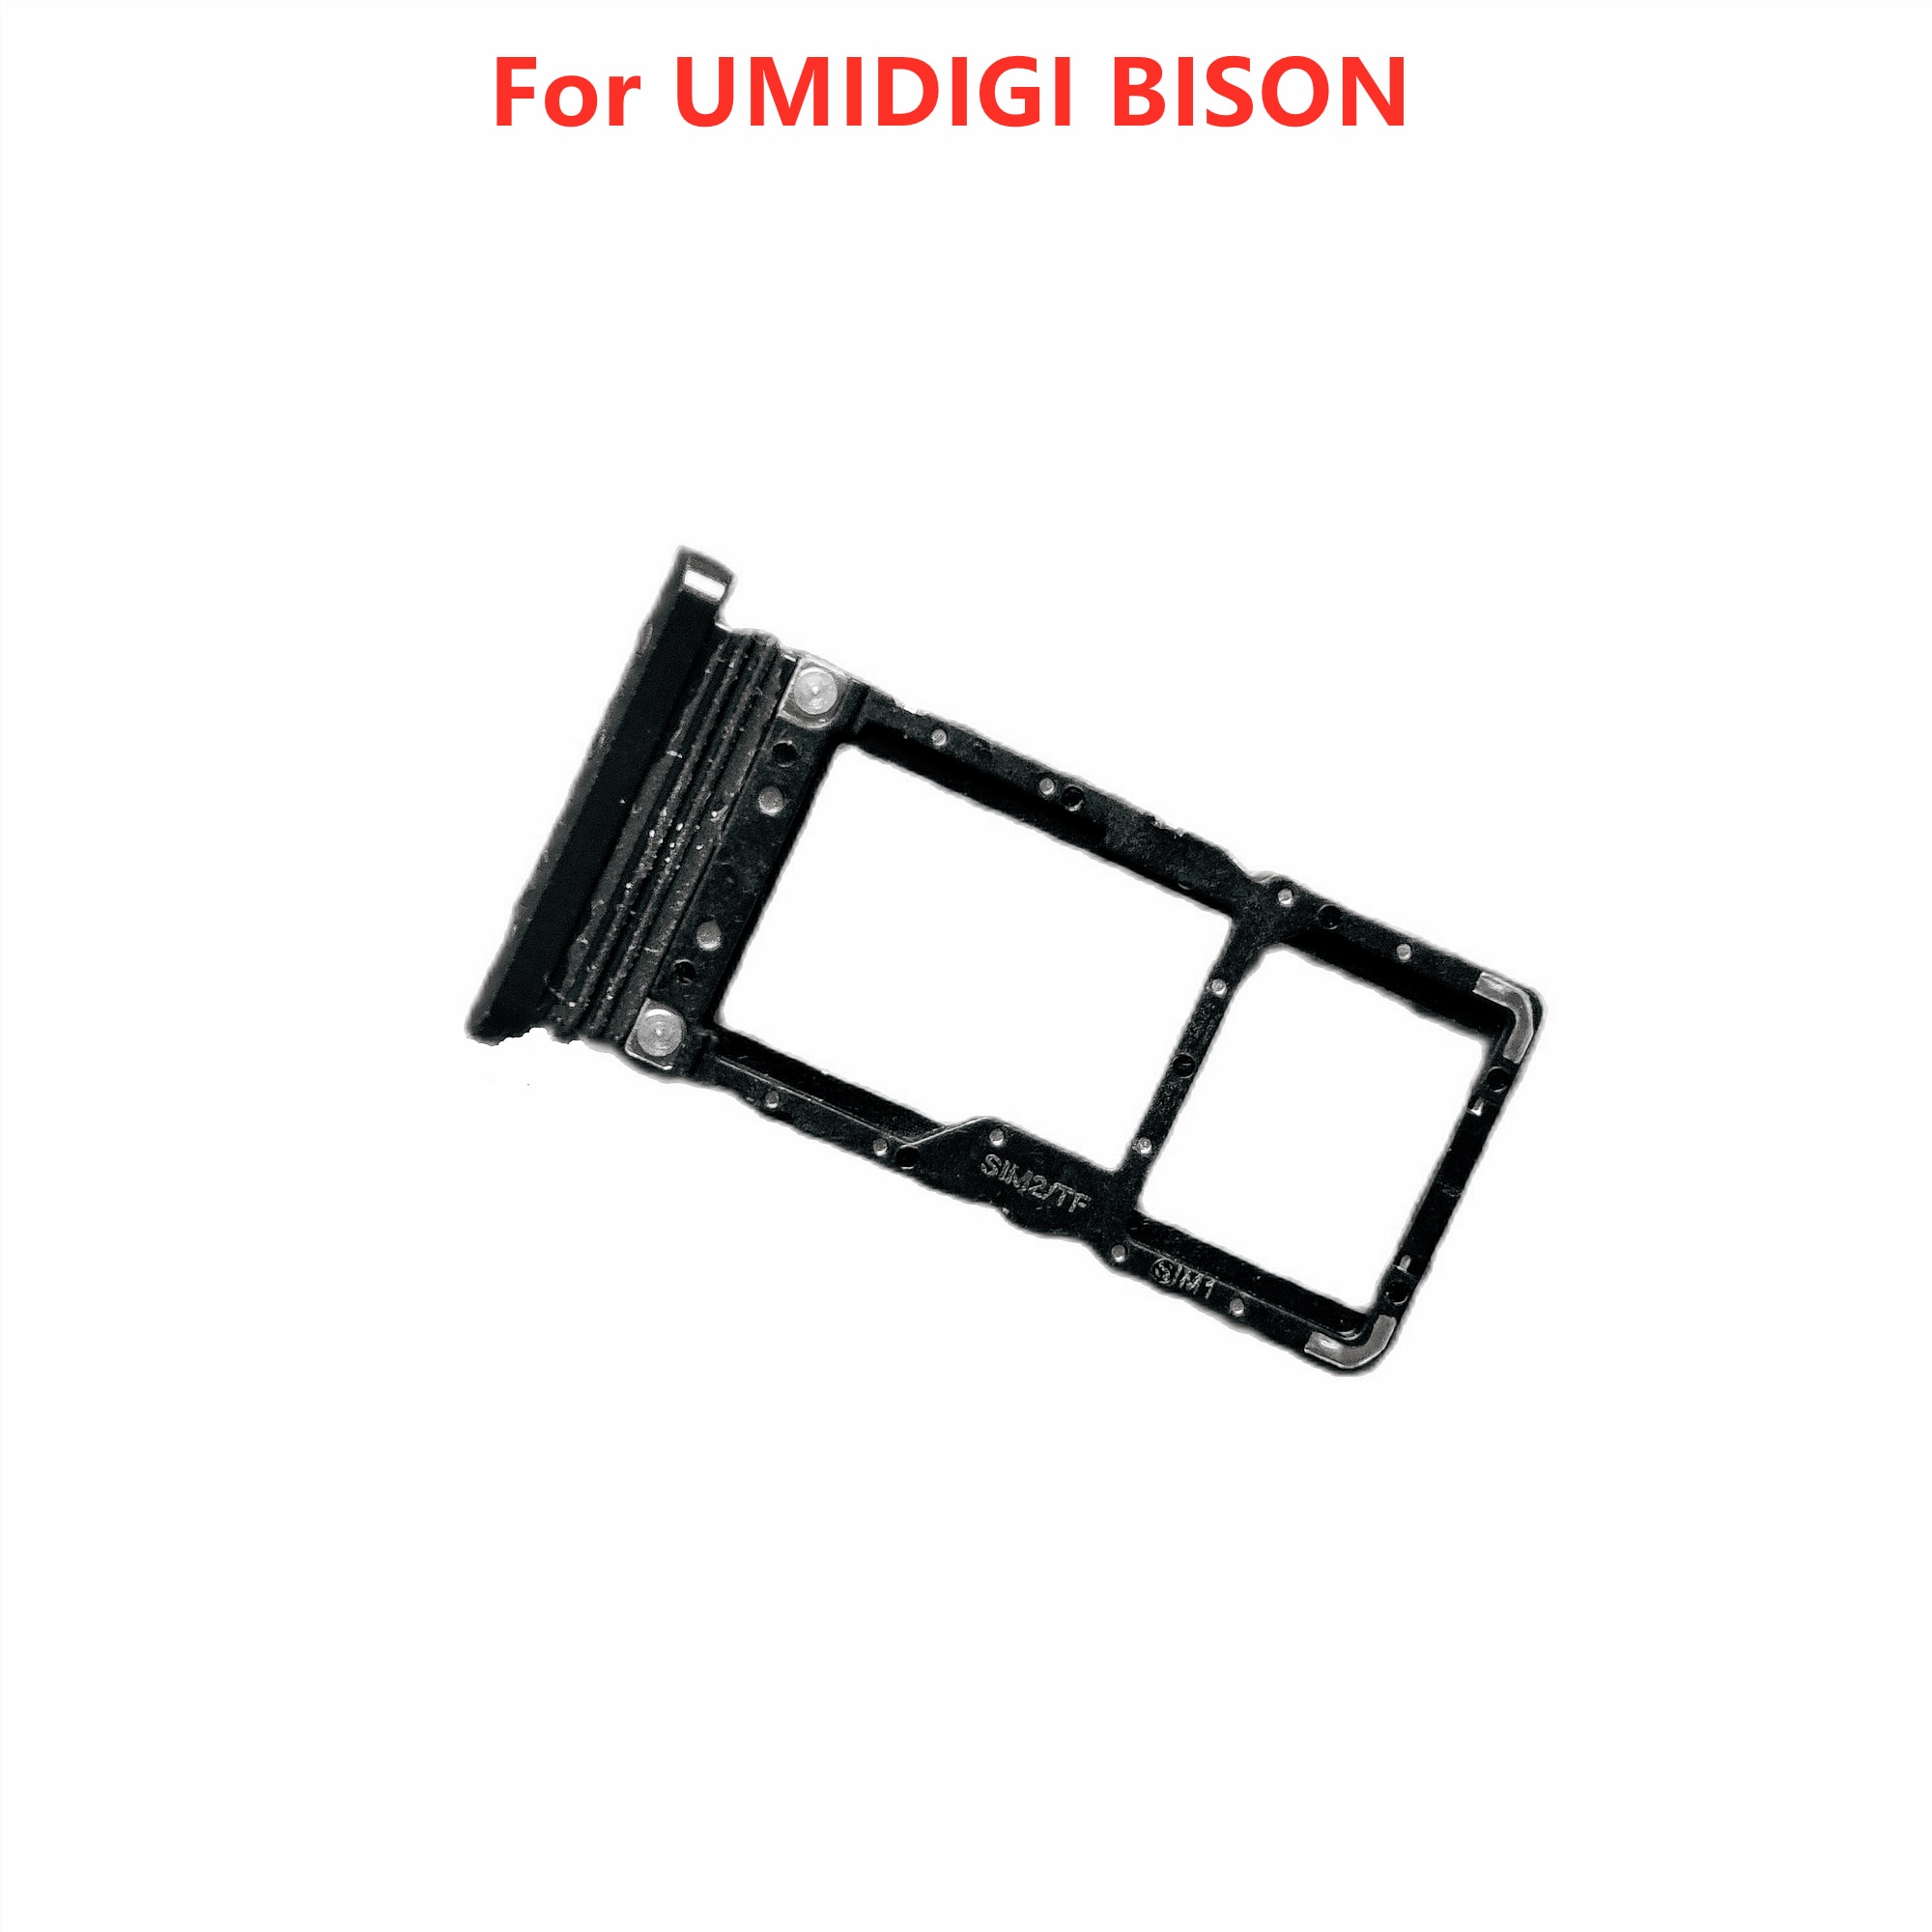 Nuevo Original UMIDIGI bisonte titular de la tarjeta de soporte para tarjeta SIM soporte para tarjeta Sim bandeja de tarjeta de la ranura de la bandeja de lector